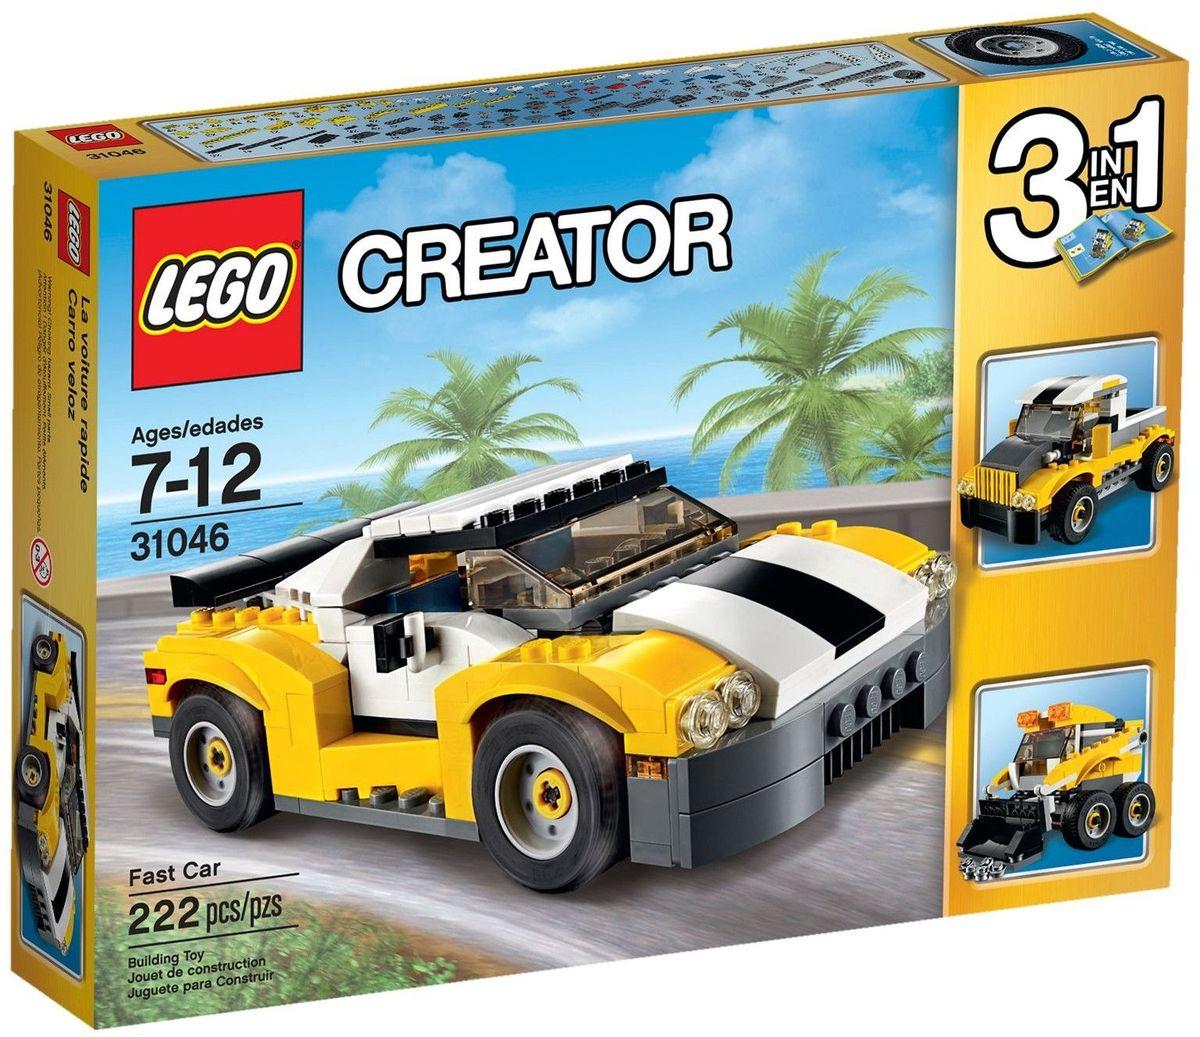 LEGO Creator Конструктор Кабриолет 31046 lego creator конструктор летающий робот 31034